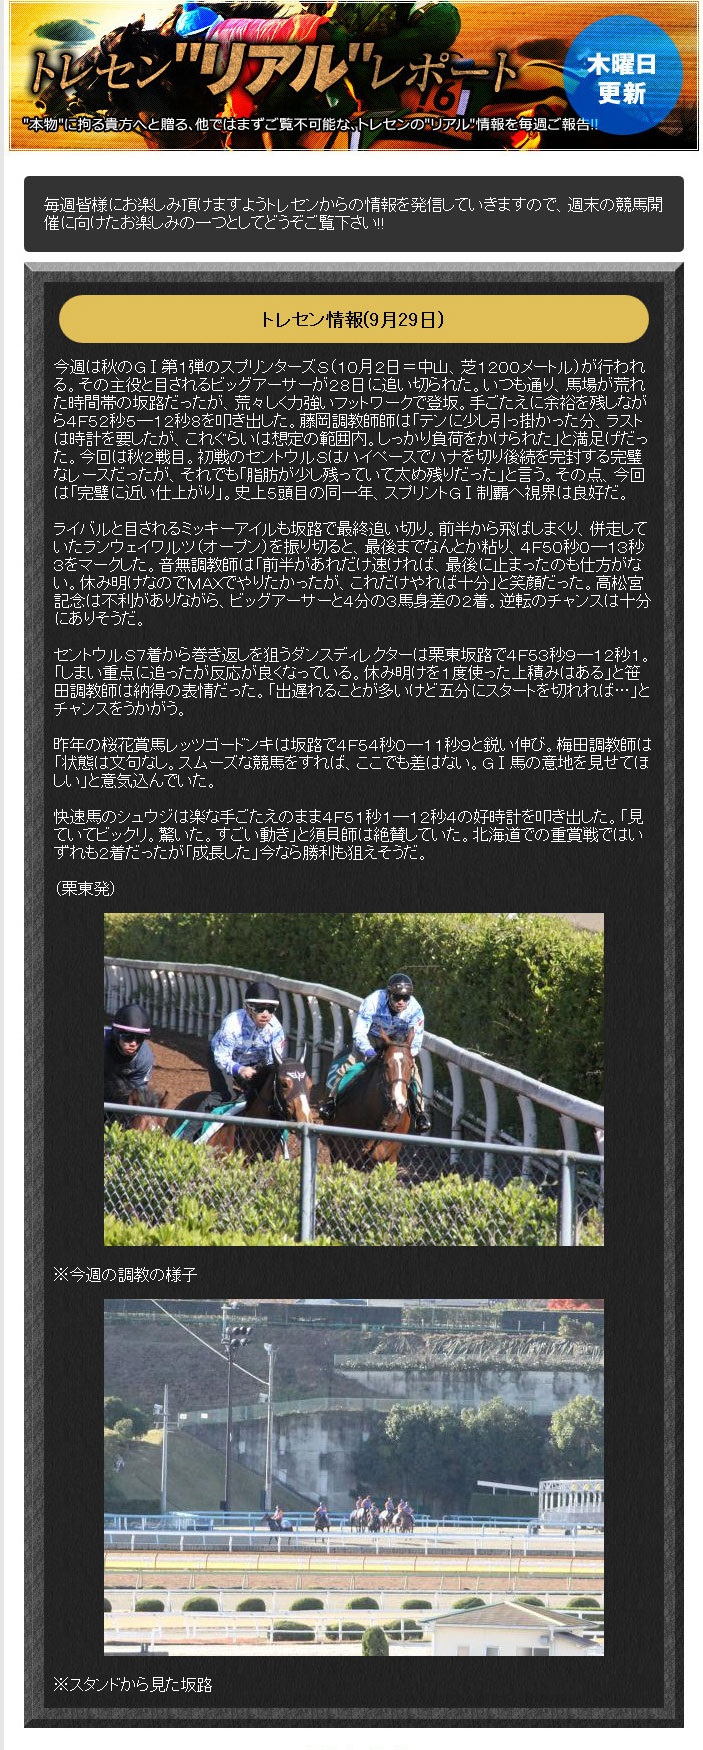 ターフビジョンという競馬予想サイトのトレセンリアルリポートの無料情報